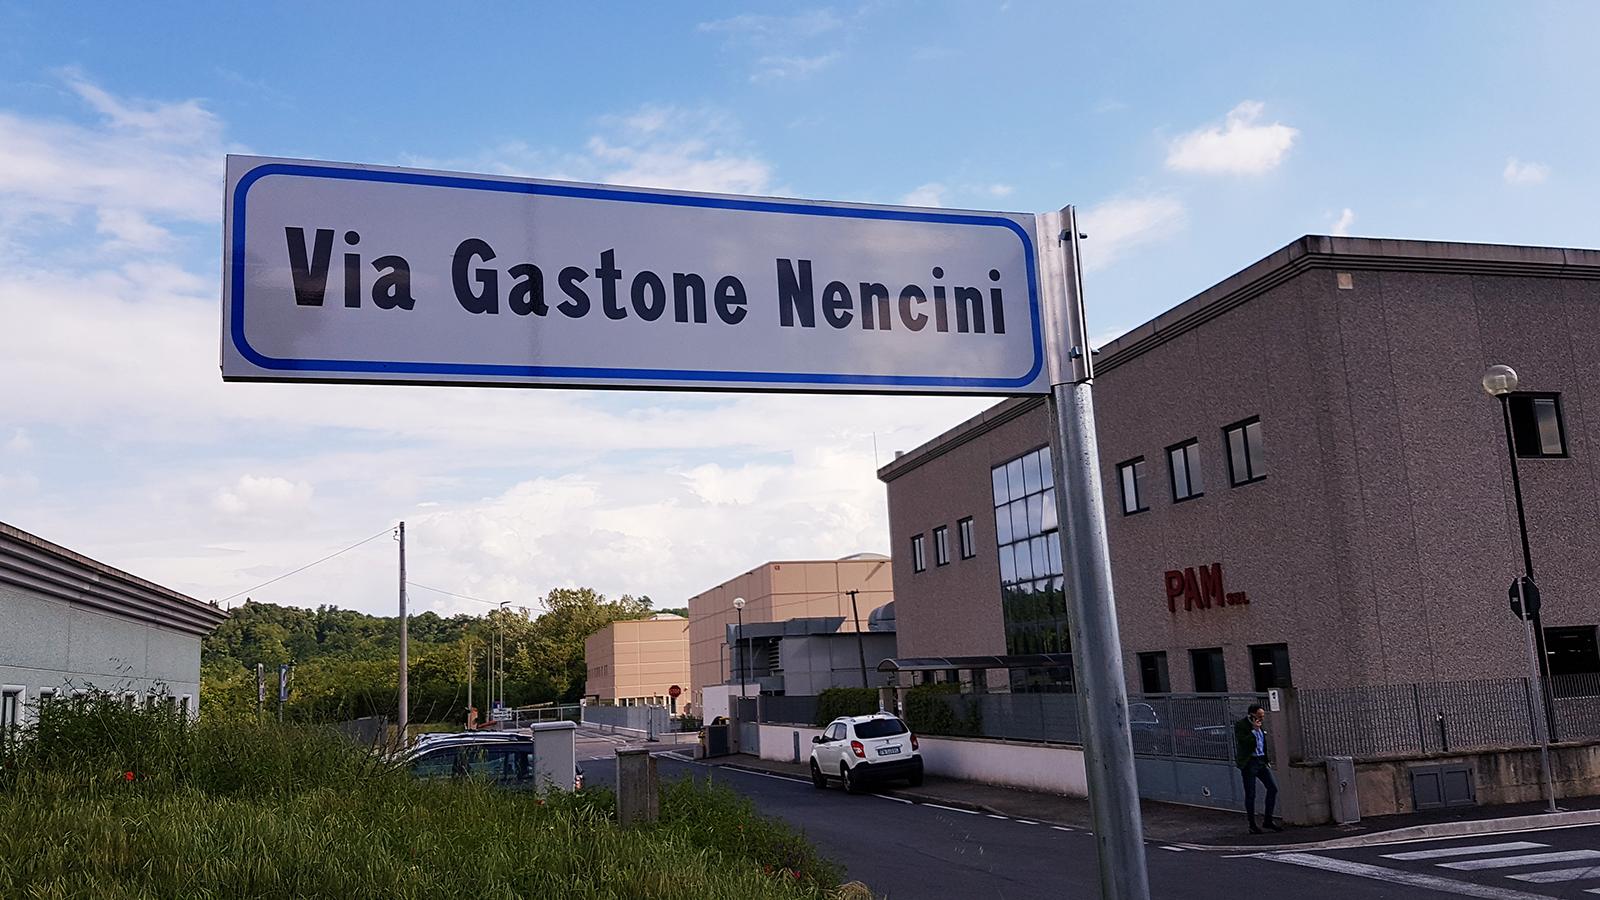 nuova_toponomastica_la_penna